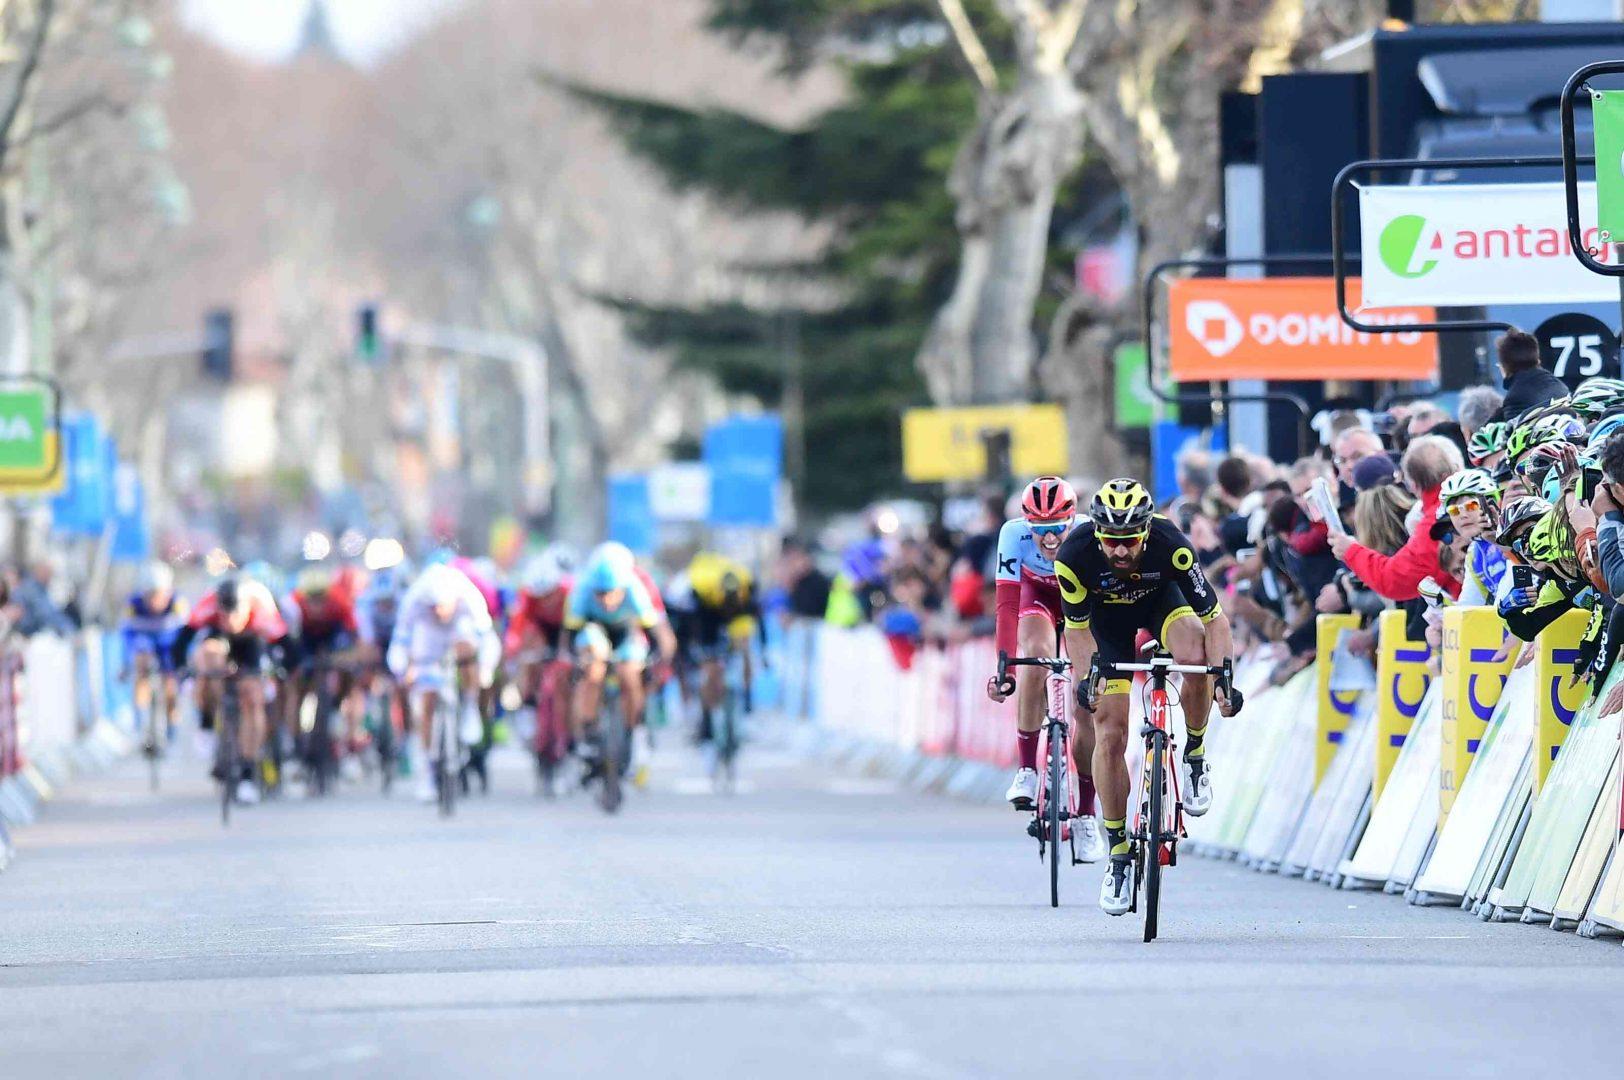 El francés Jerôme Cousin, de Direct Eneregie, se hizo con la quinta etapa del París Niza al imponer su velocidad en la recta final de Sisteron, en una prueba de 165 kilómetros donde Luis León Sánchez defendió el malliot amarillo. (Foto: Alex Broadway)